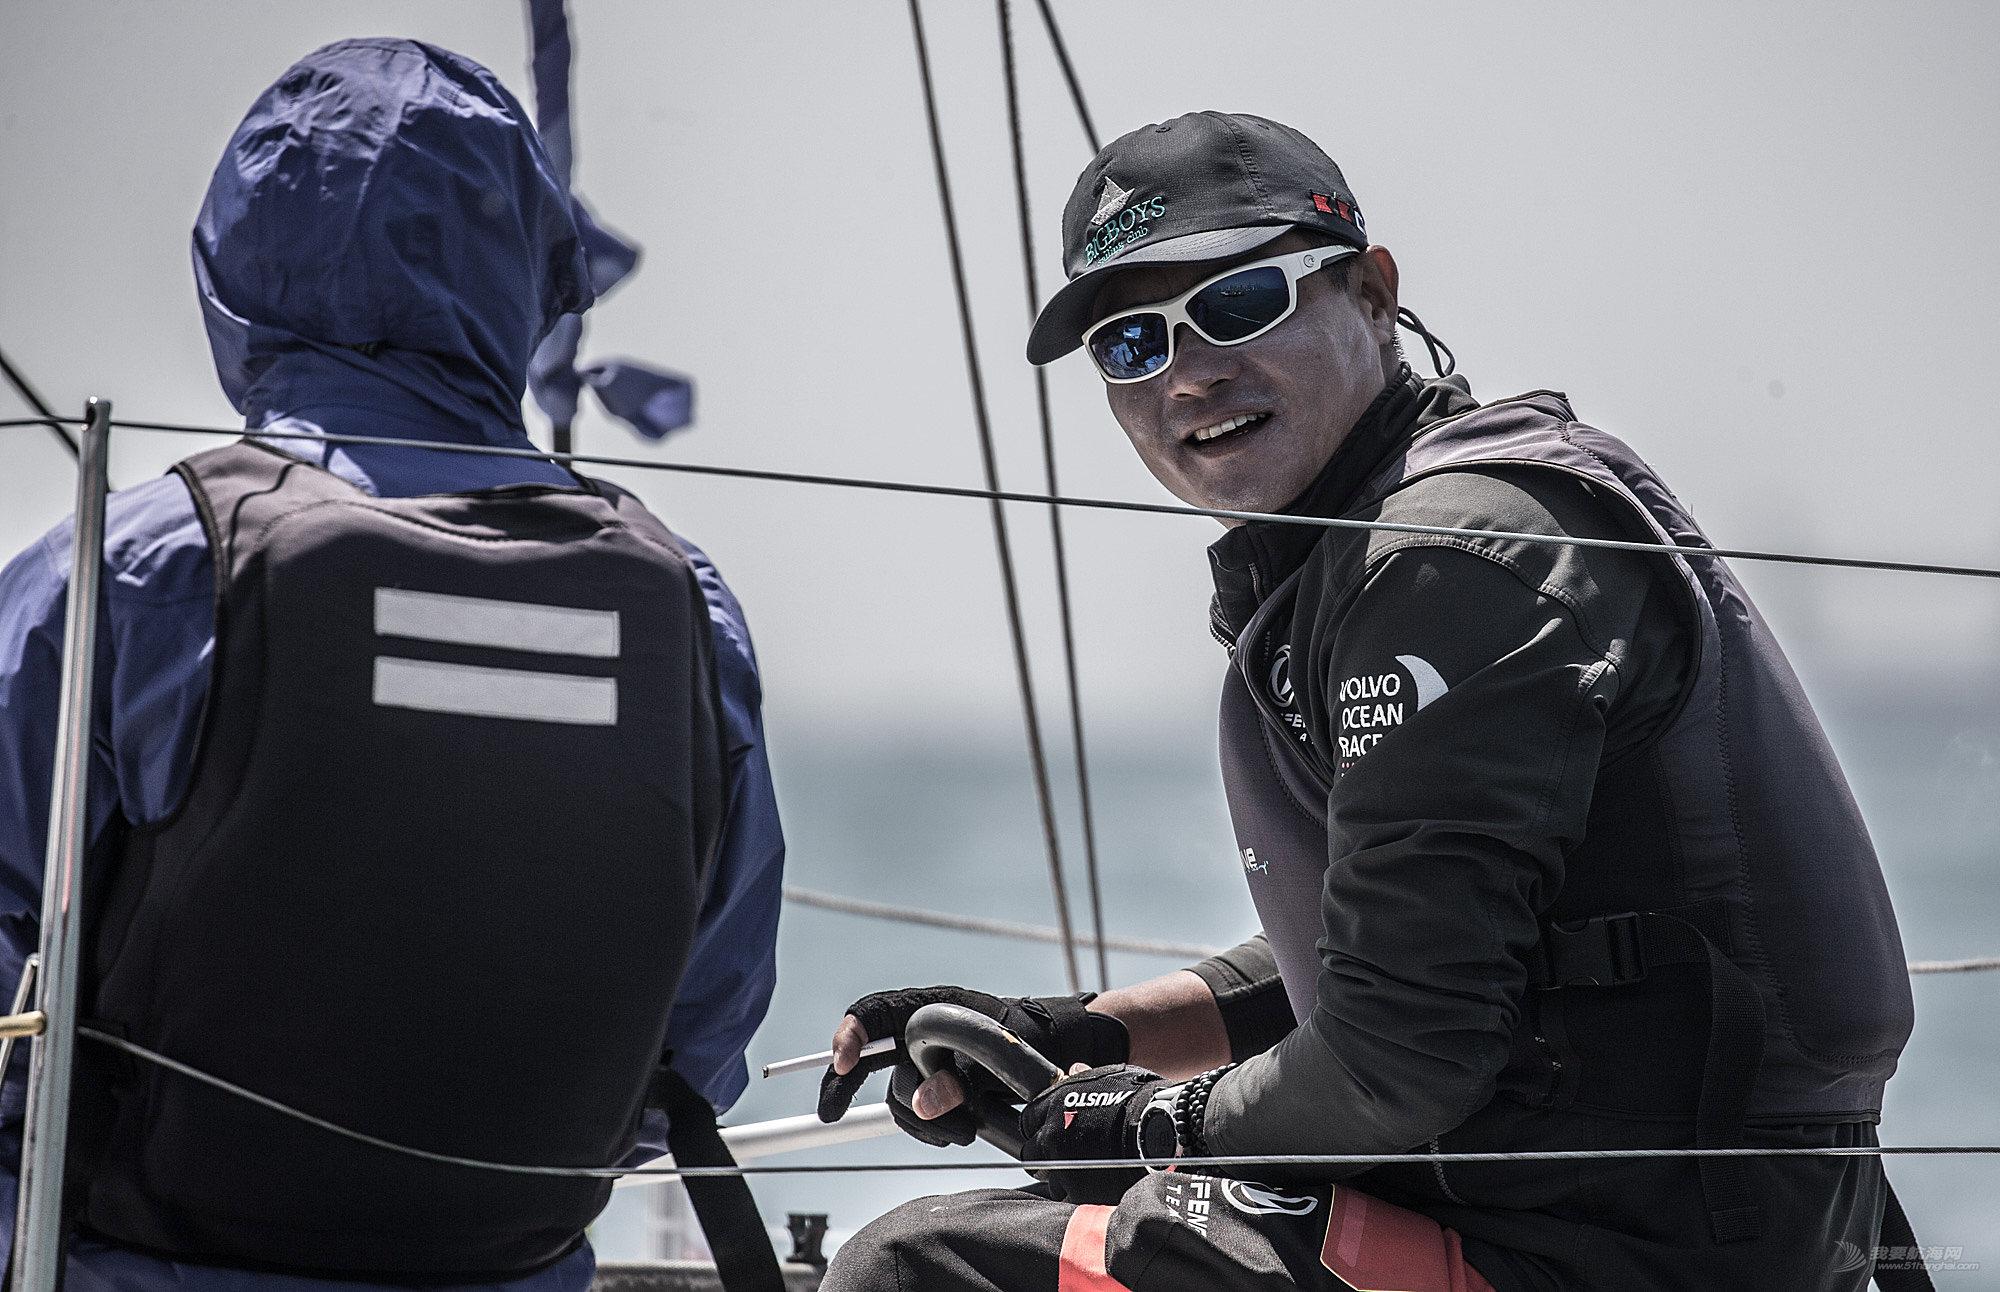 2019第十届CCOR帆船赛精彩图片14